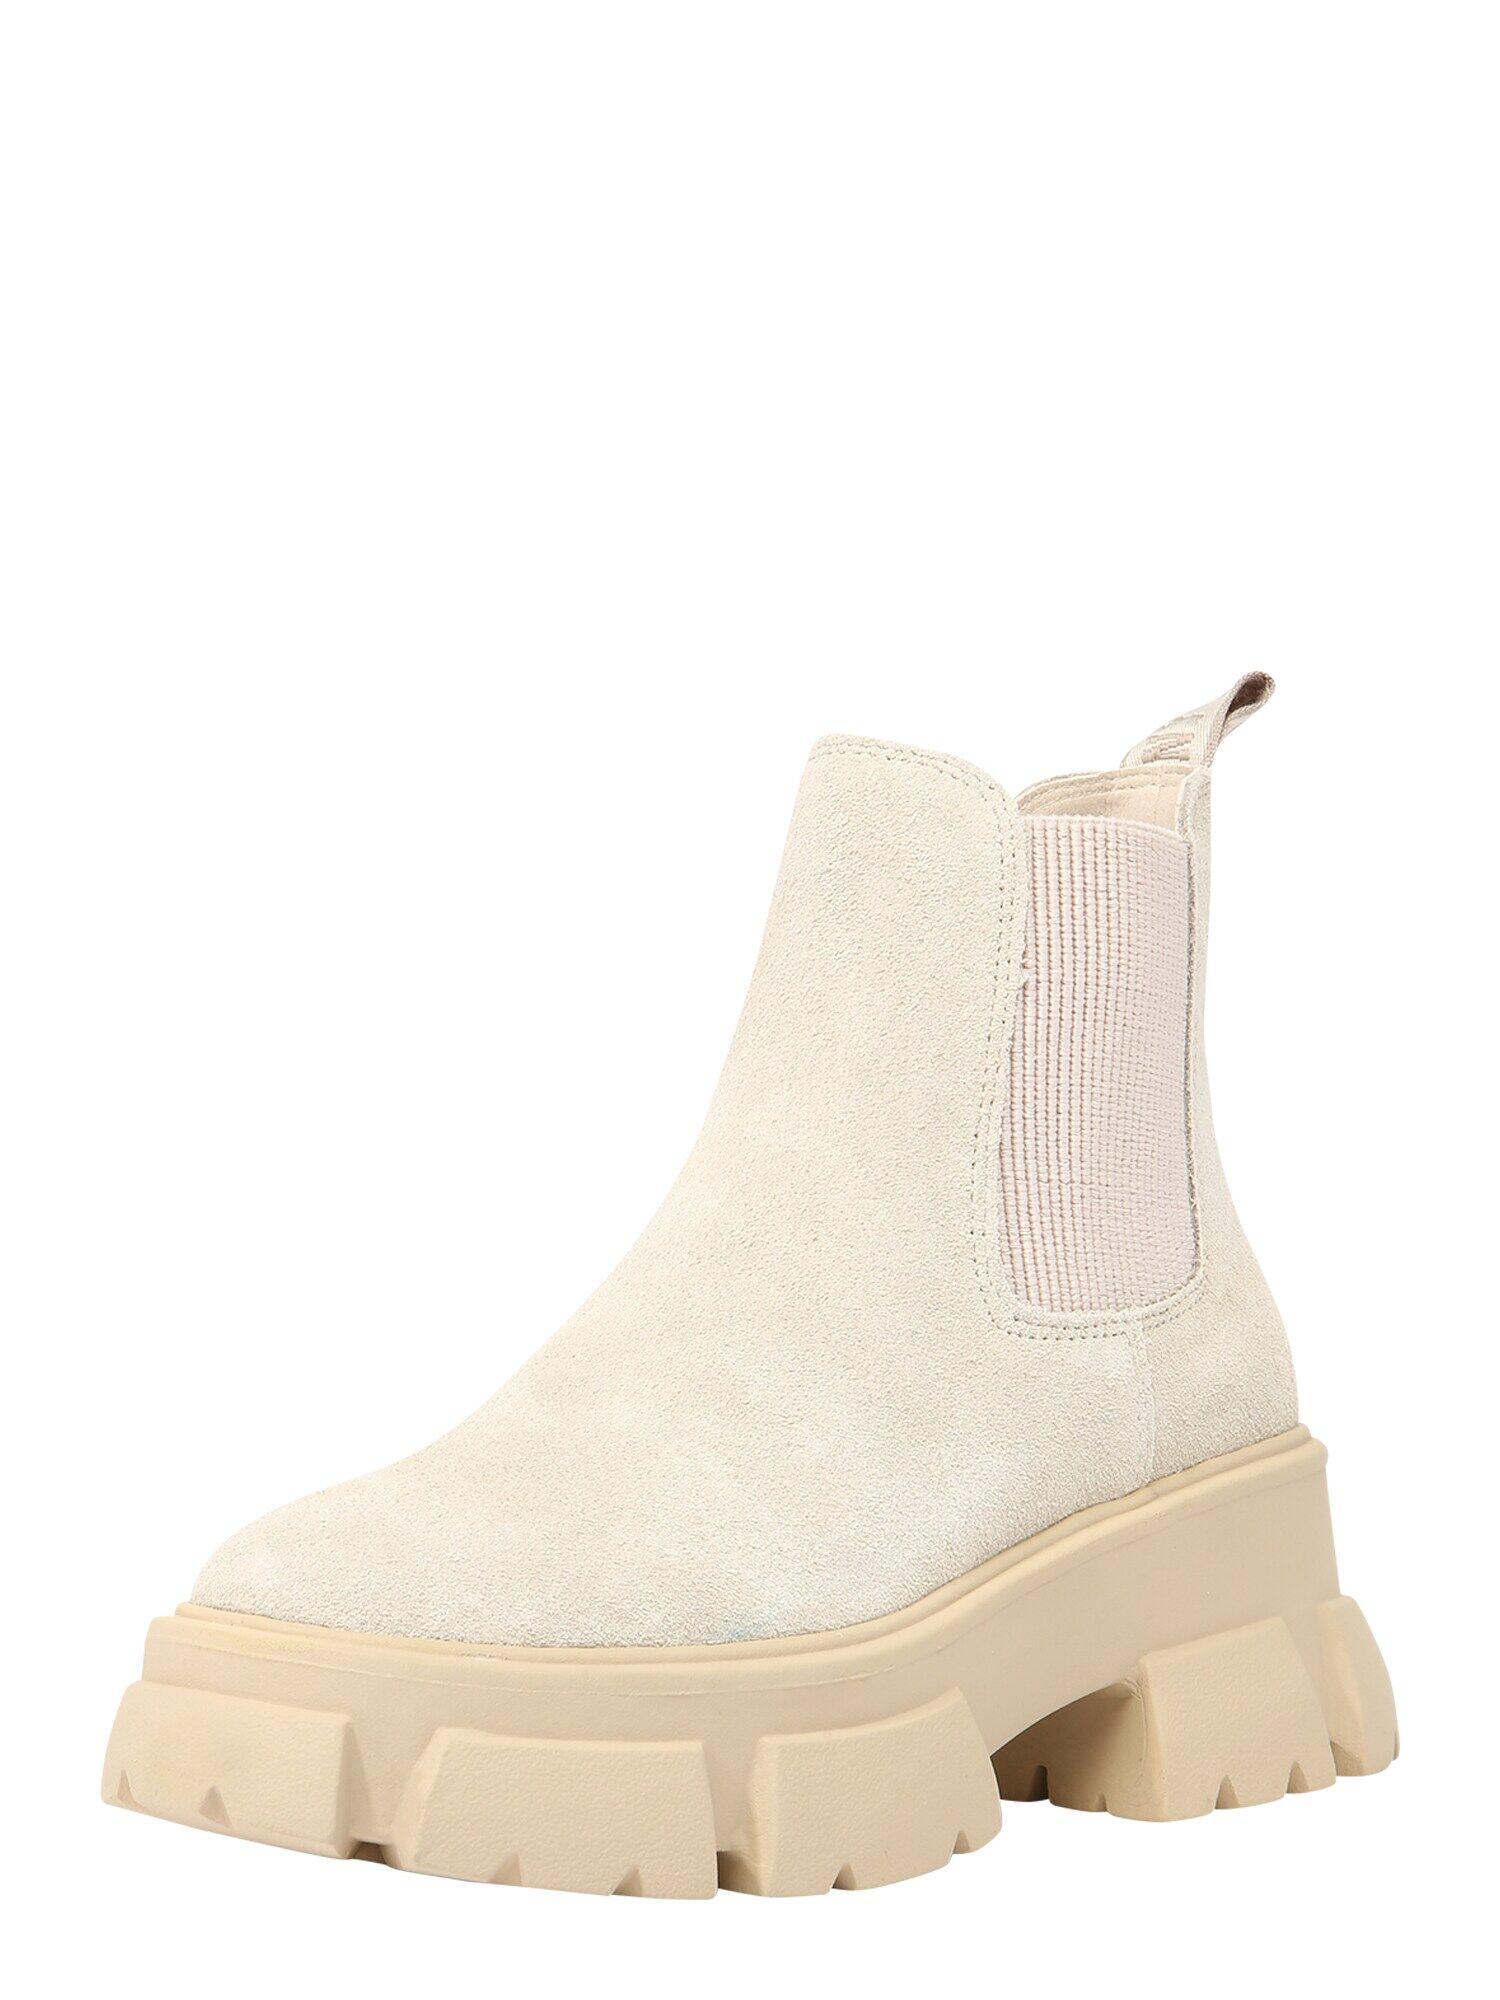 STEVE MADDEN Chelsea Boots 'TUSK'  - Beige - Taille: 40 - female